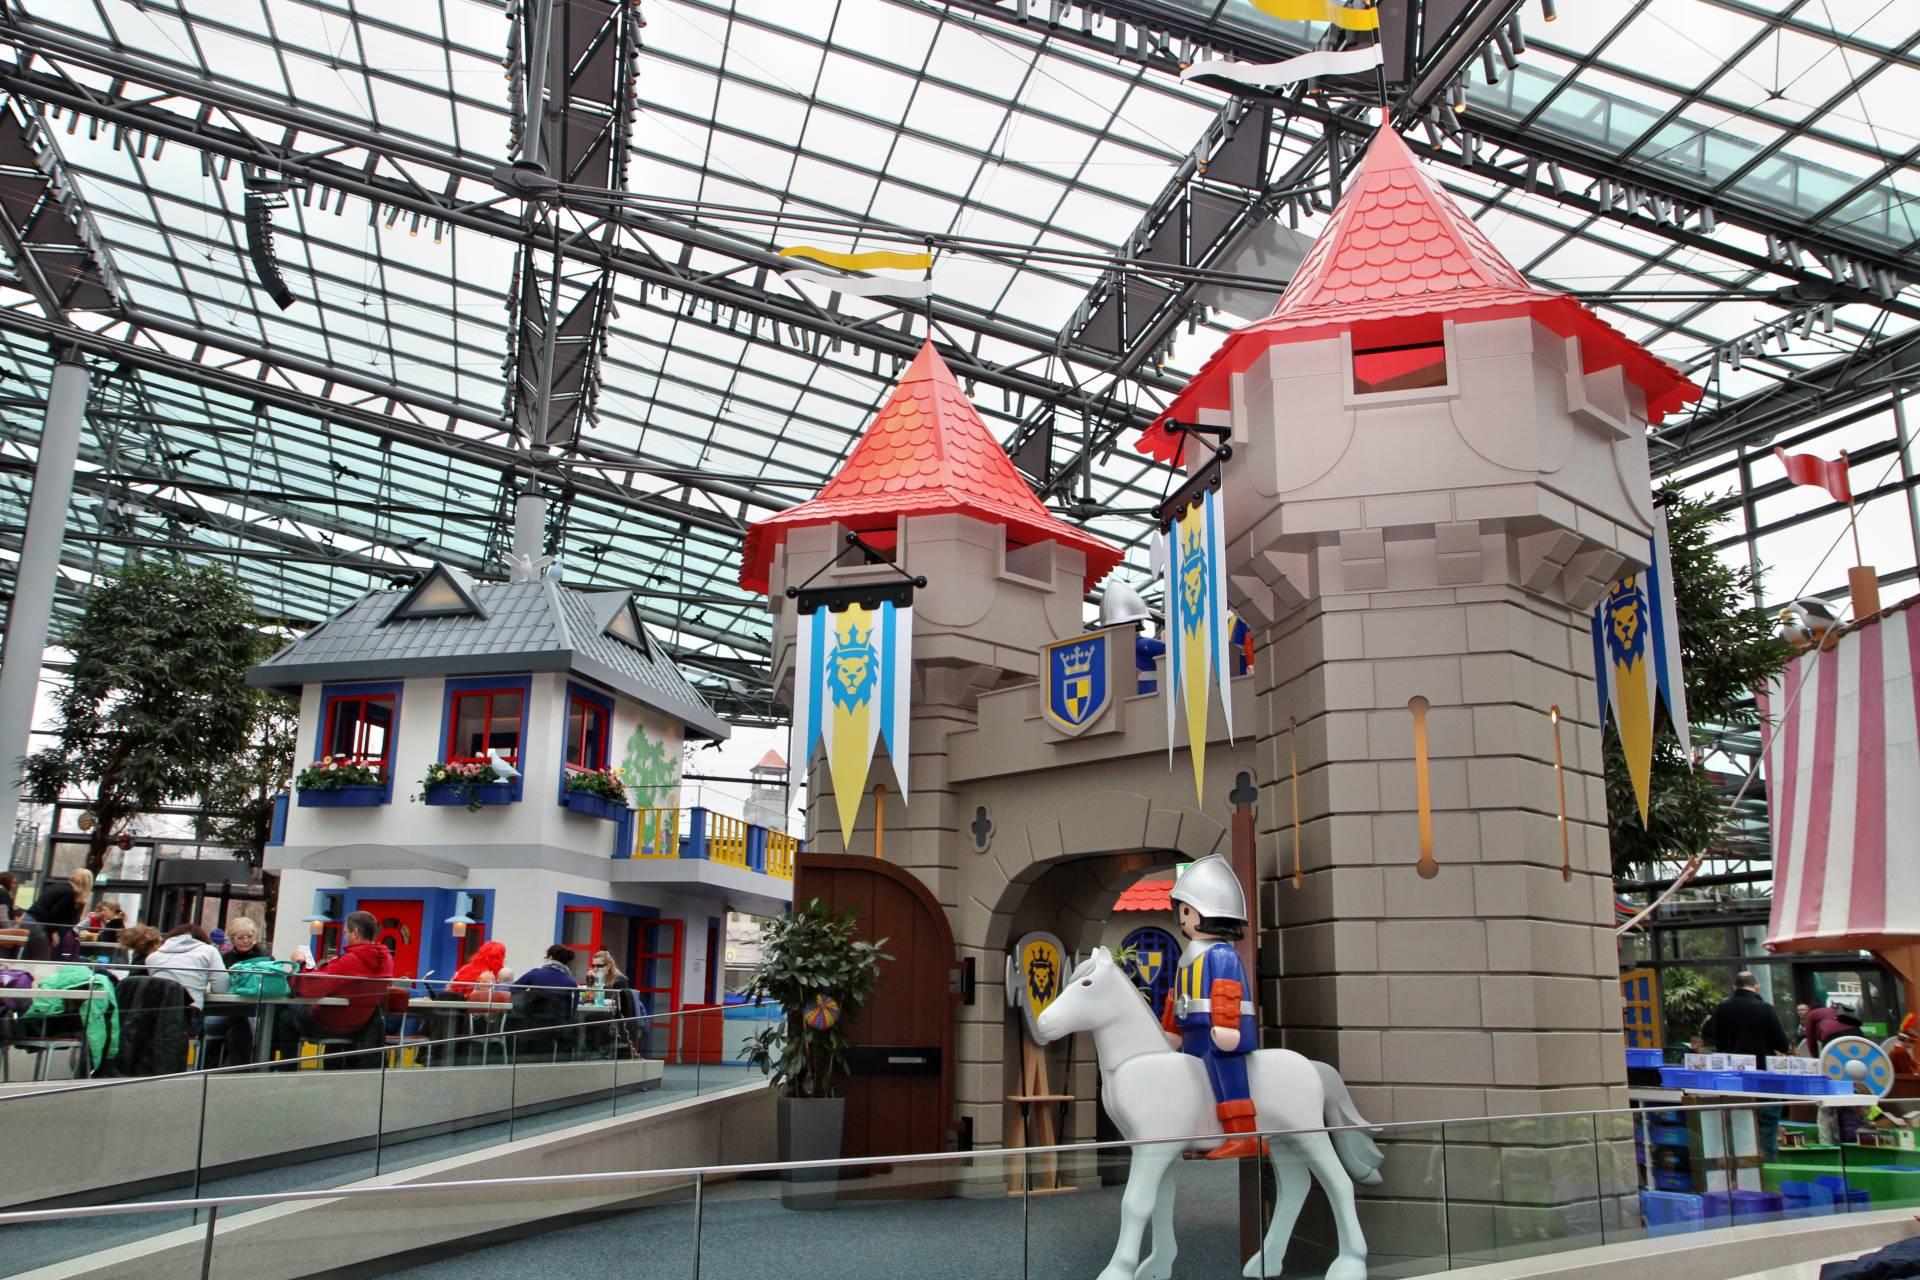 Im HOB-Center des Playmobil Funpark laden Dutzende Spielstationen zum Ausprobieren des Playmobil-Sortiments ein.